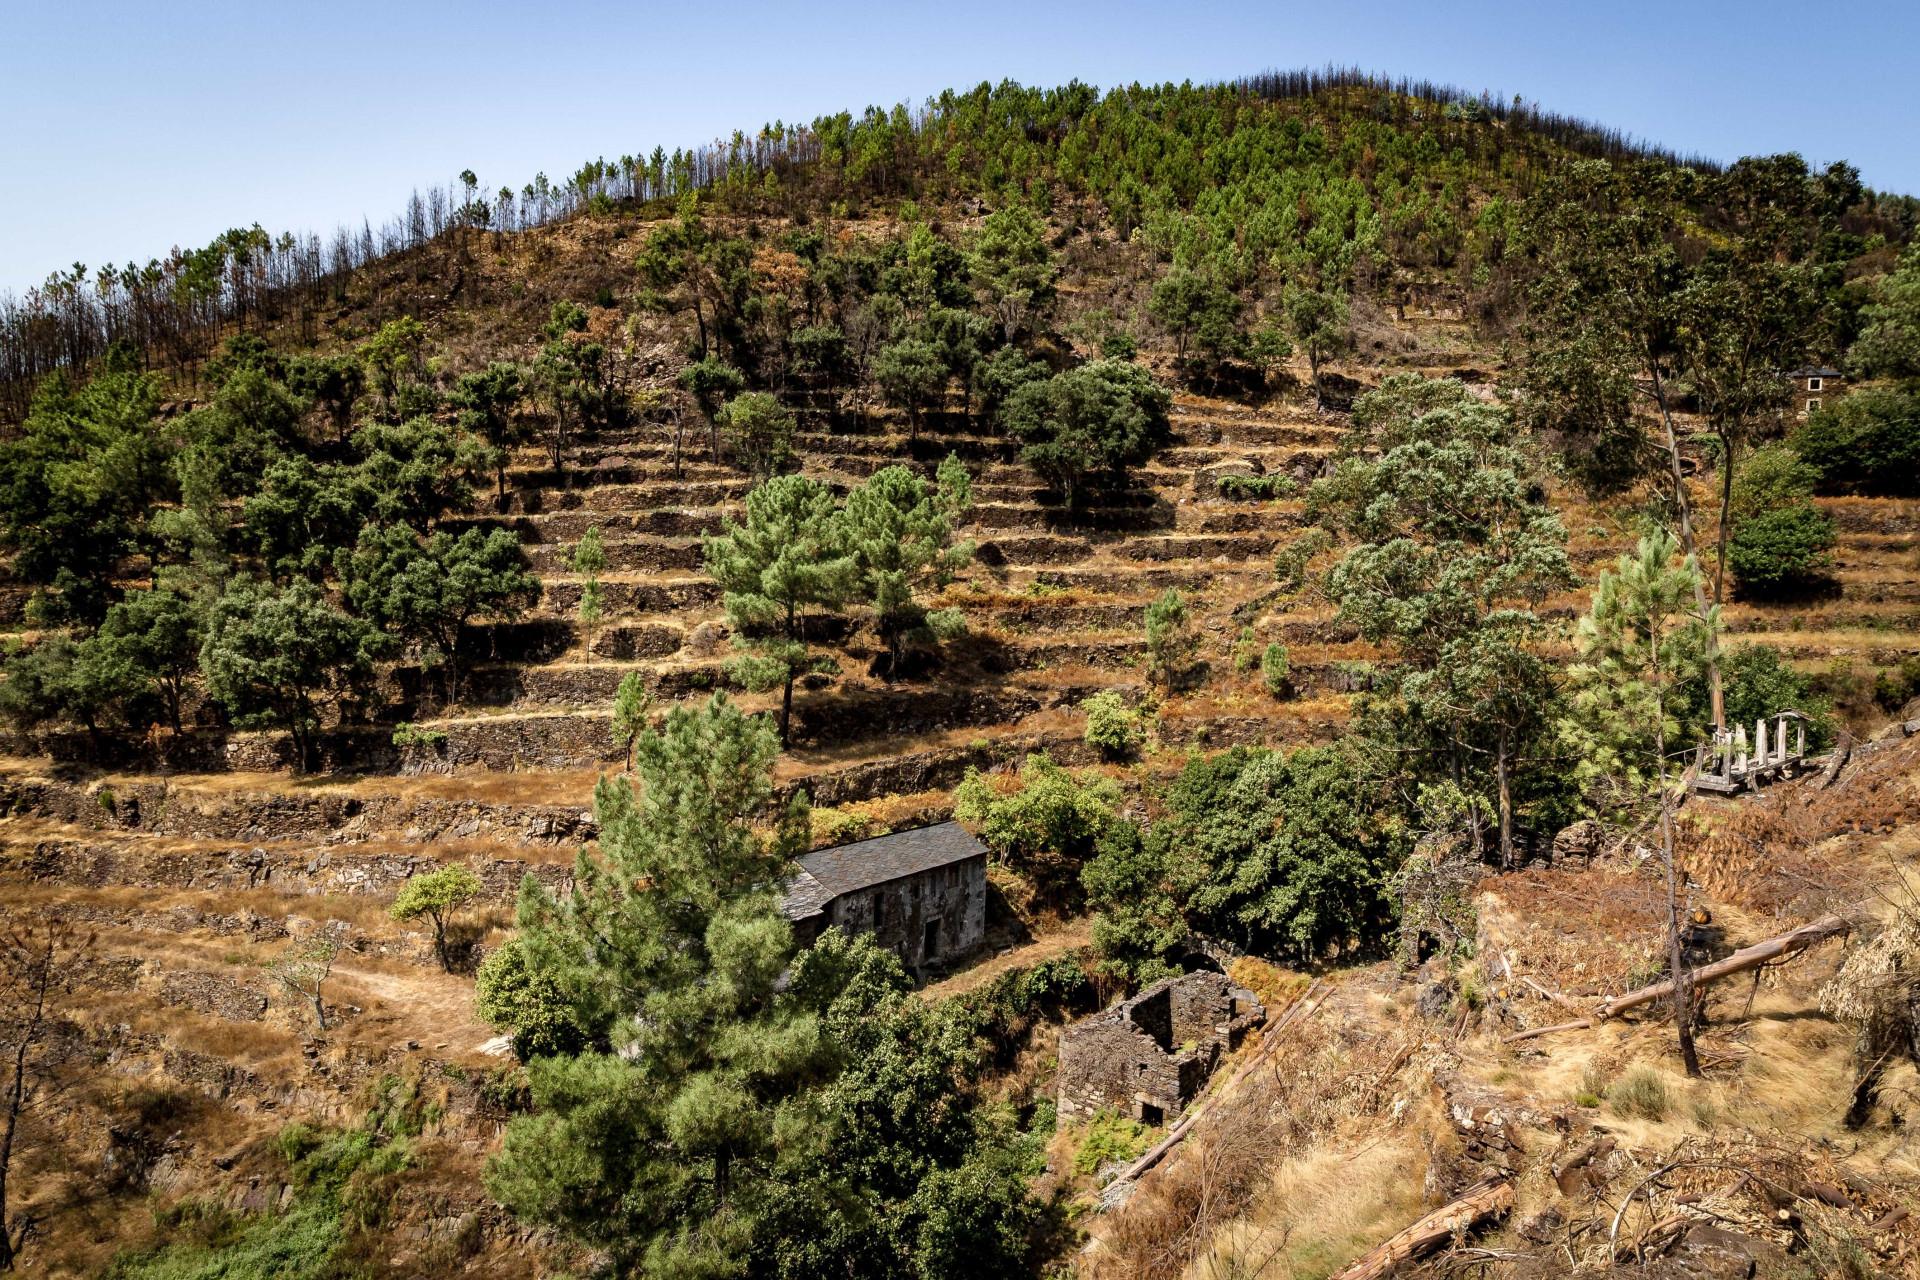 Há uma aldeia portuguesa à venda por 600 mil euros. Quer comprar?